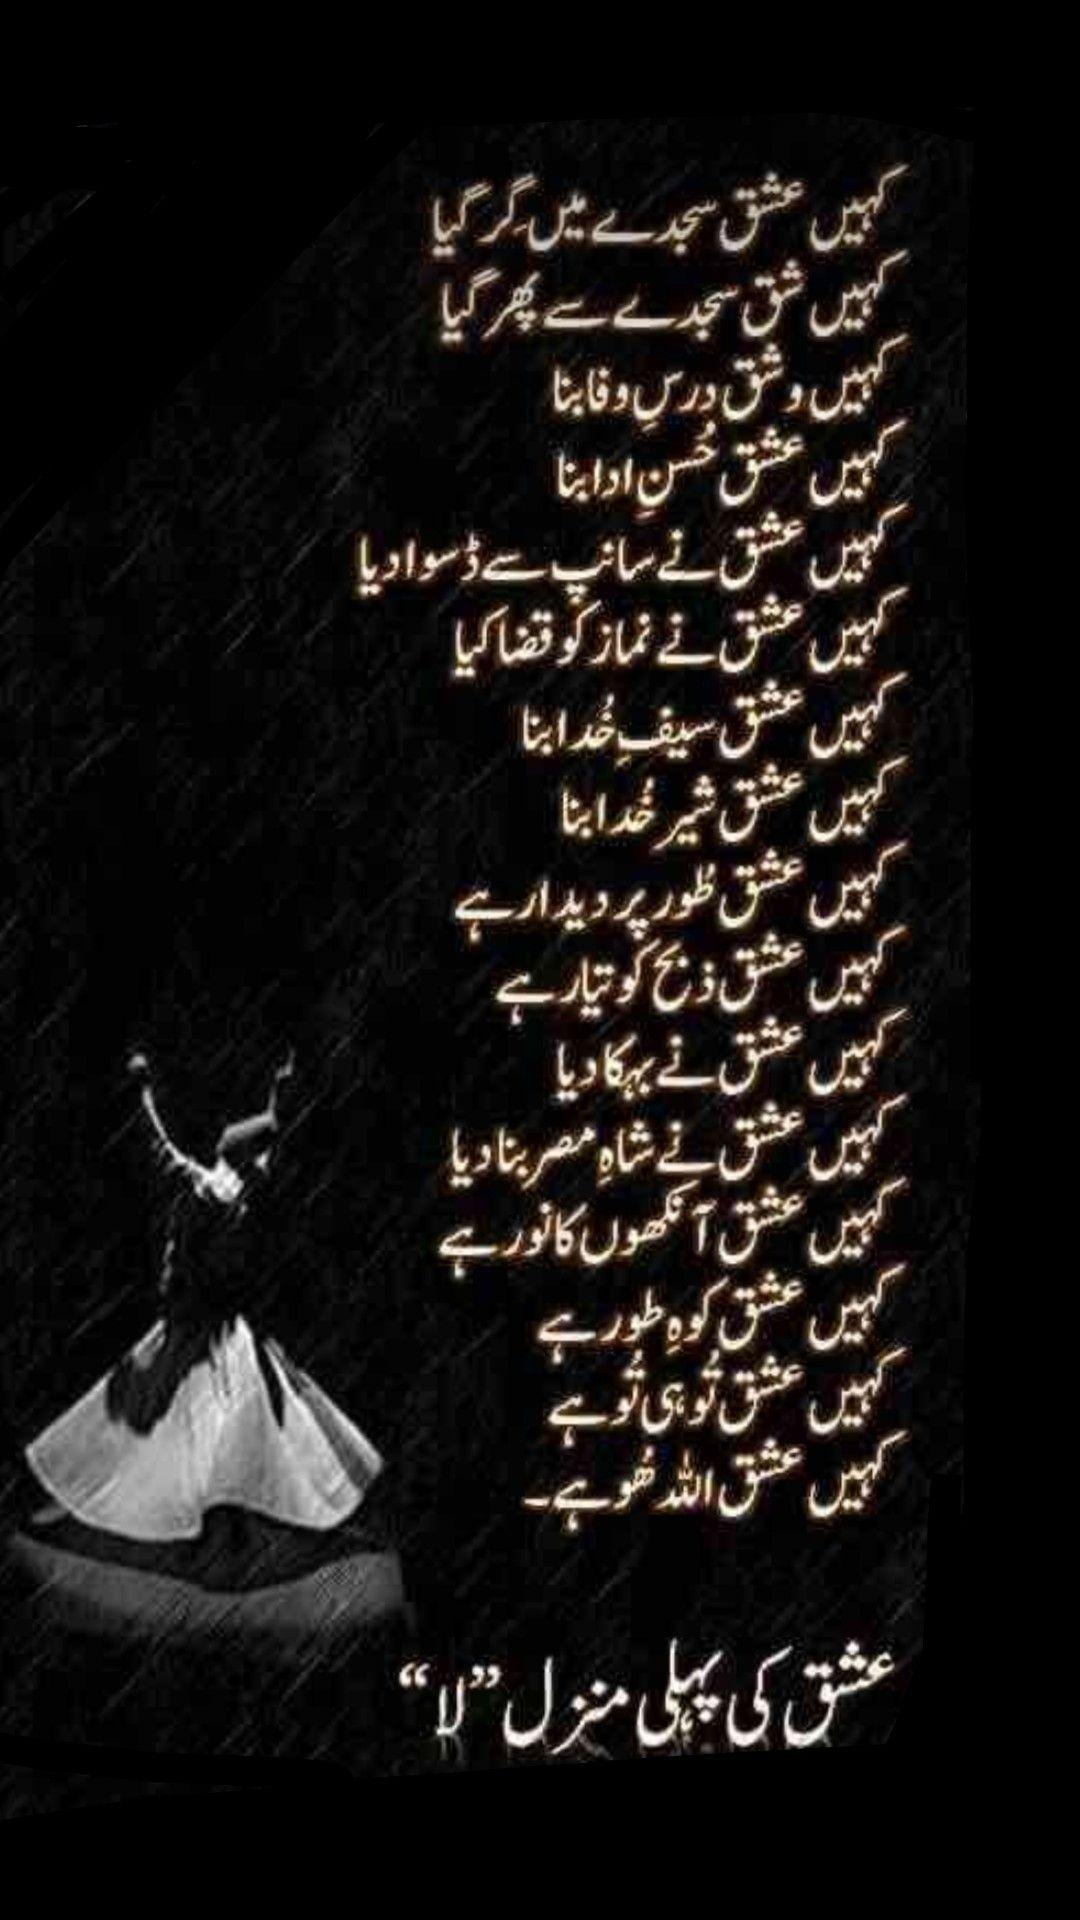 Two Line Urdu Poetry | Allama Iqbal Poetry | Urdu Poetry ... |Ishq Poetry